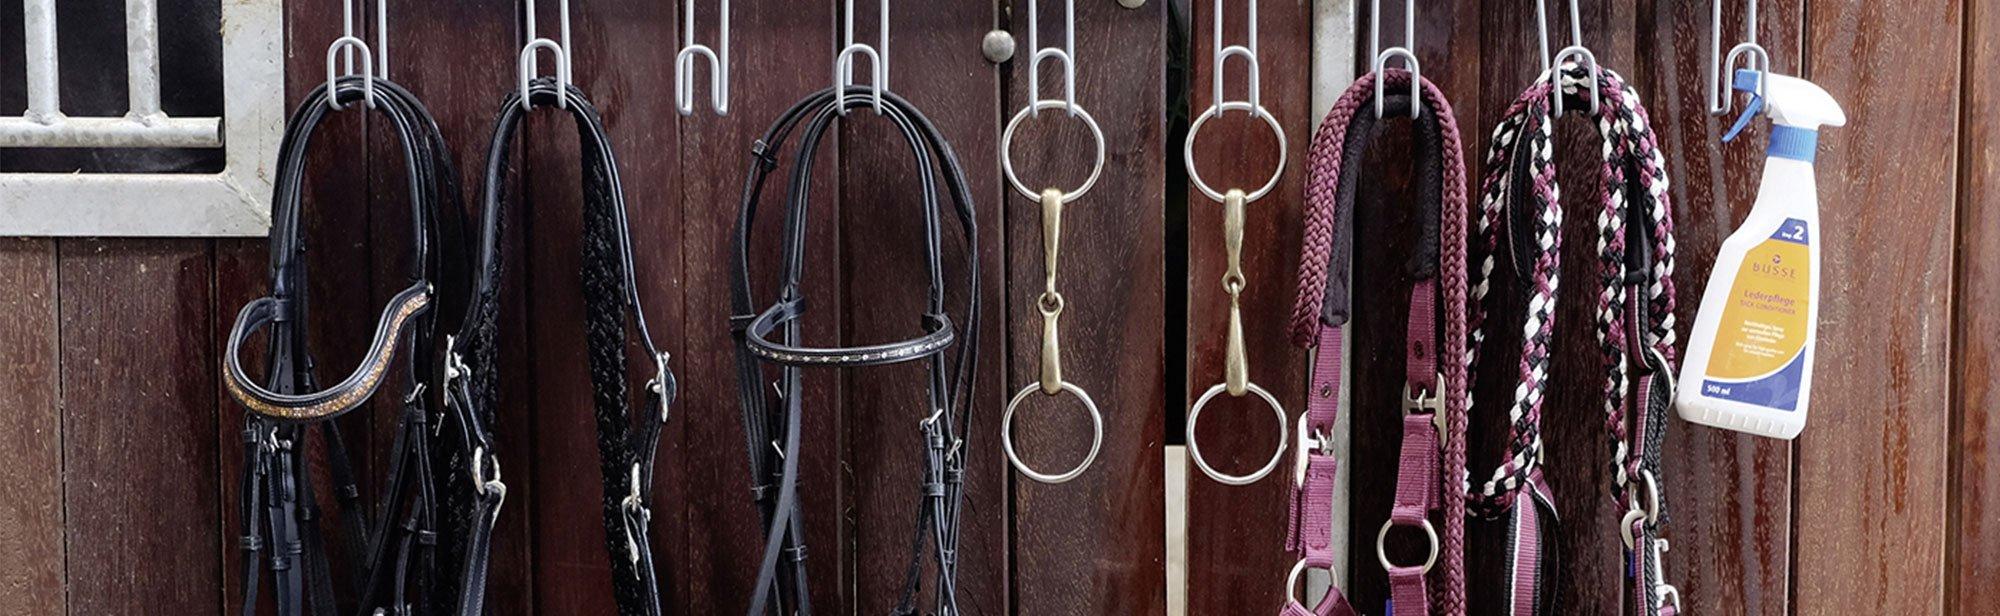 Trensen für Pferde günstig online bestellen, Bild 1